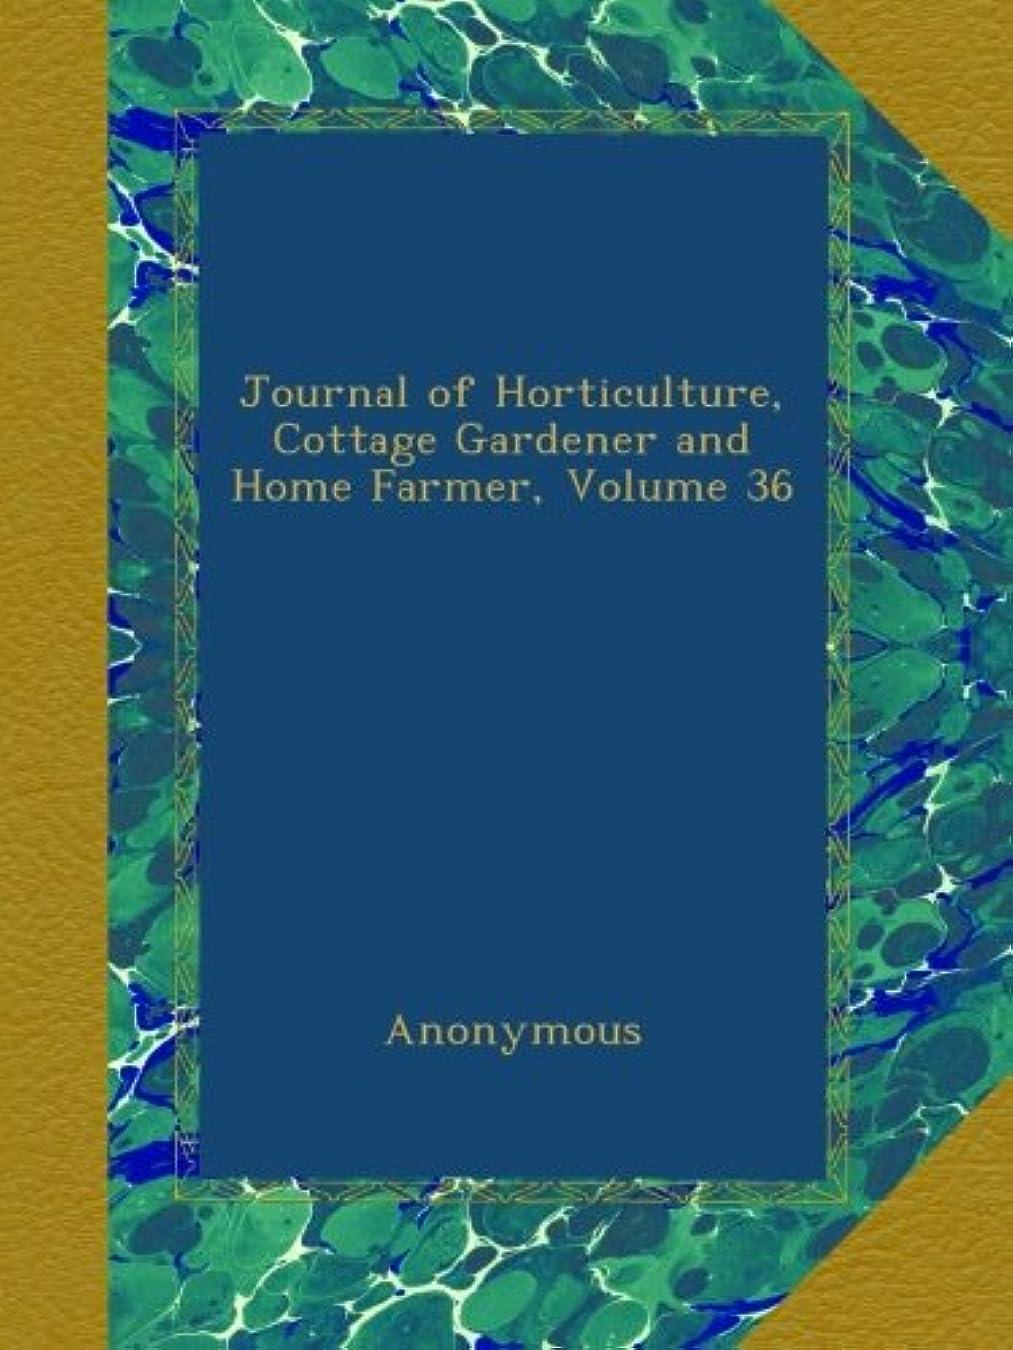 明るい薬を飲む自慢Journal of Horticulture, Cottage Gardener and Home Farmer, Volume 36